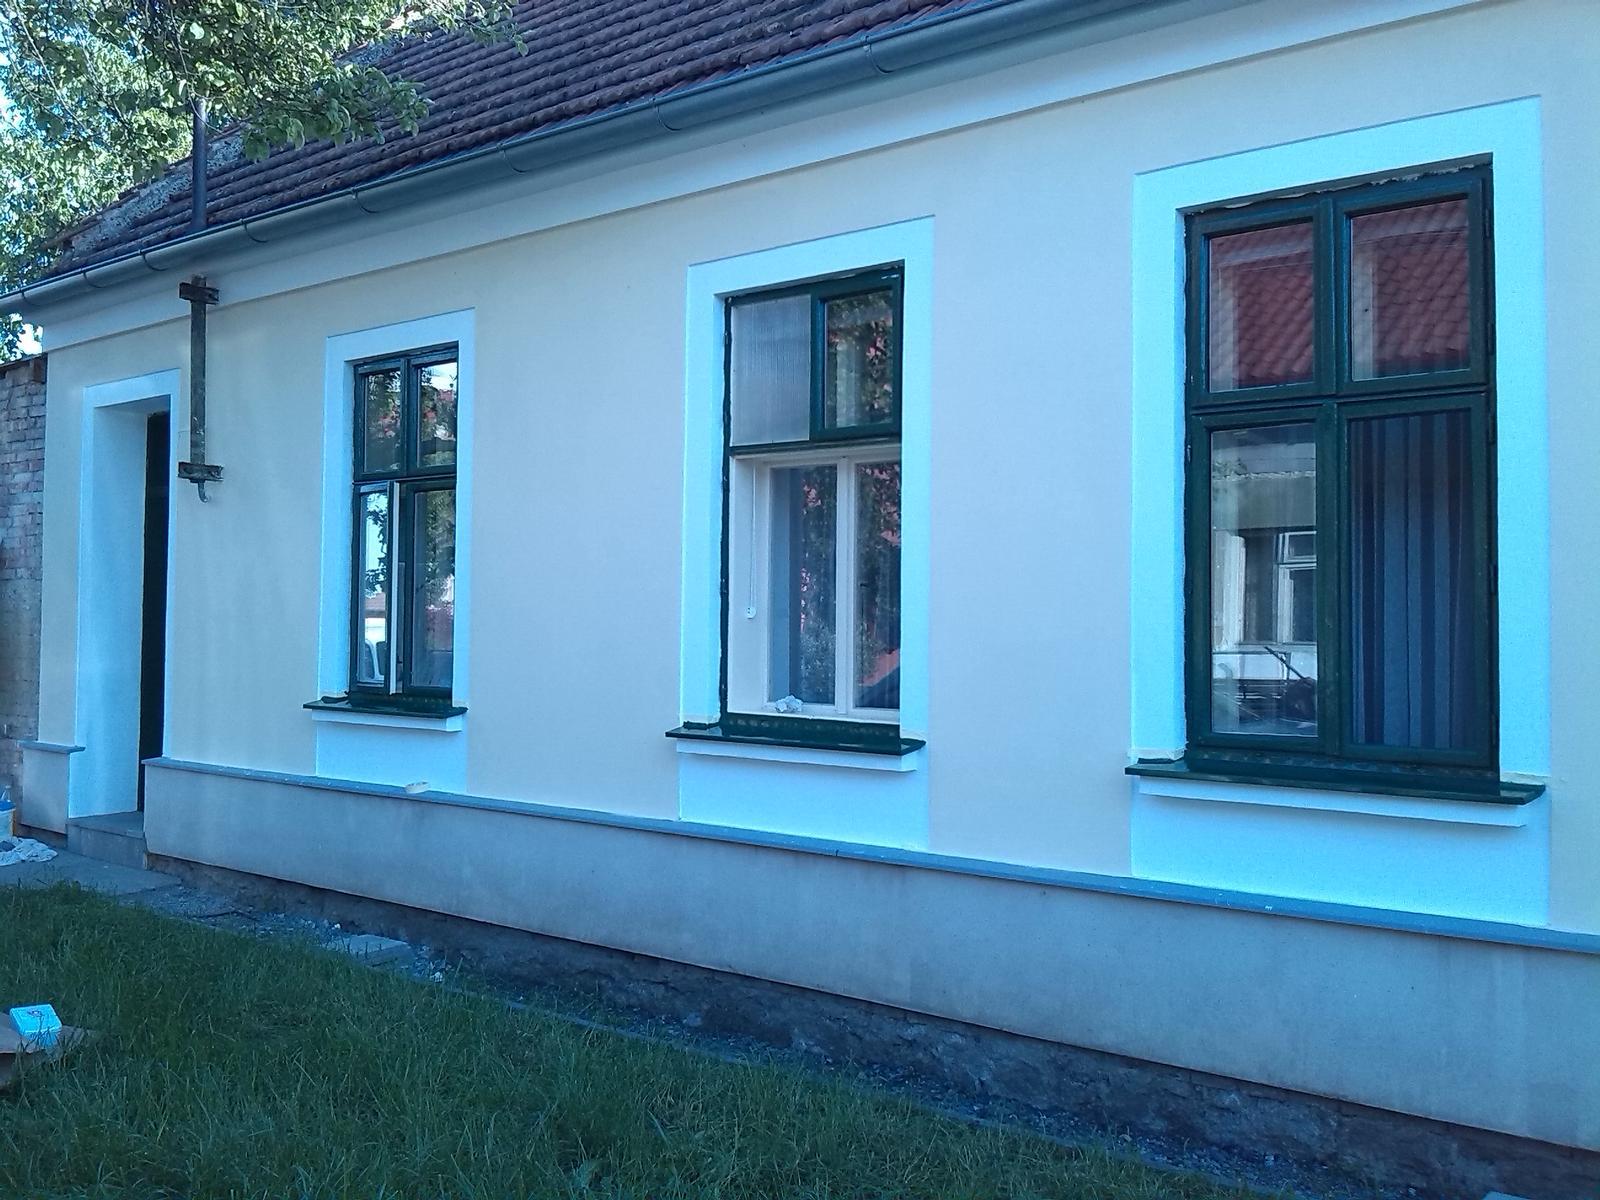 Náš domeček - teď už minulost... - ... pořád se něco děje ... :)